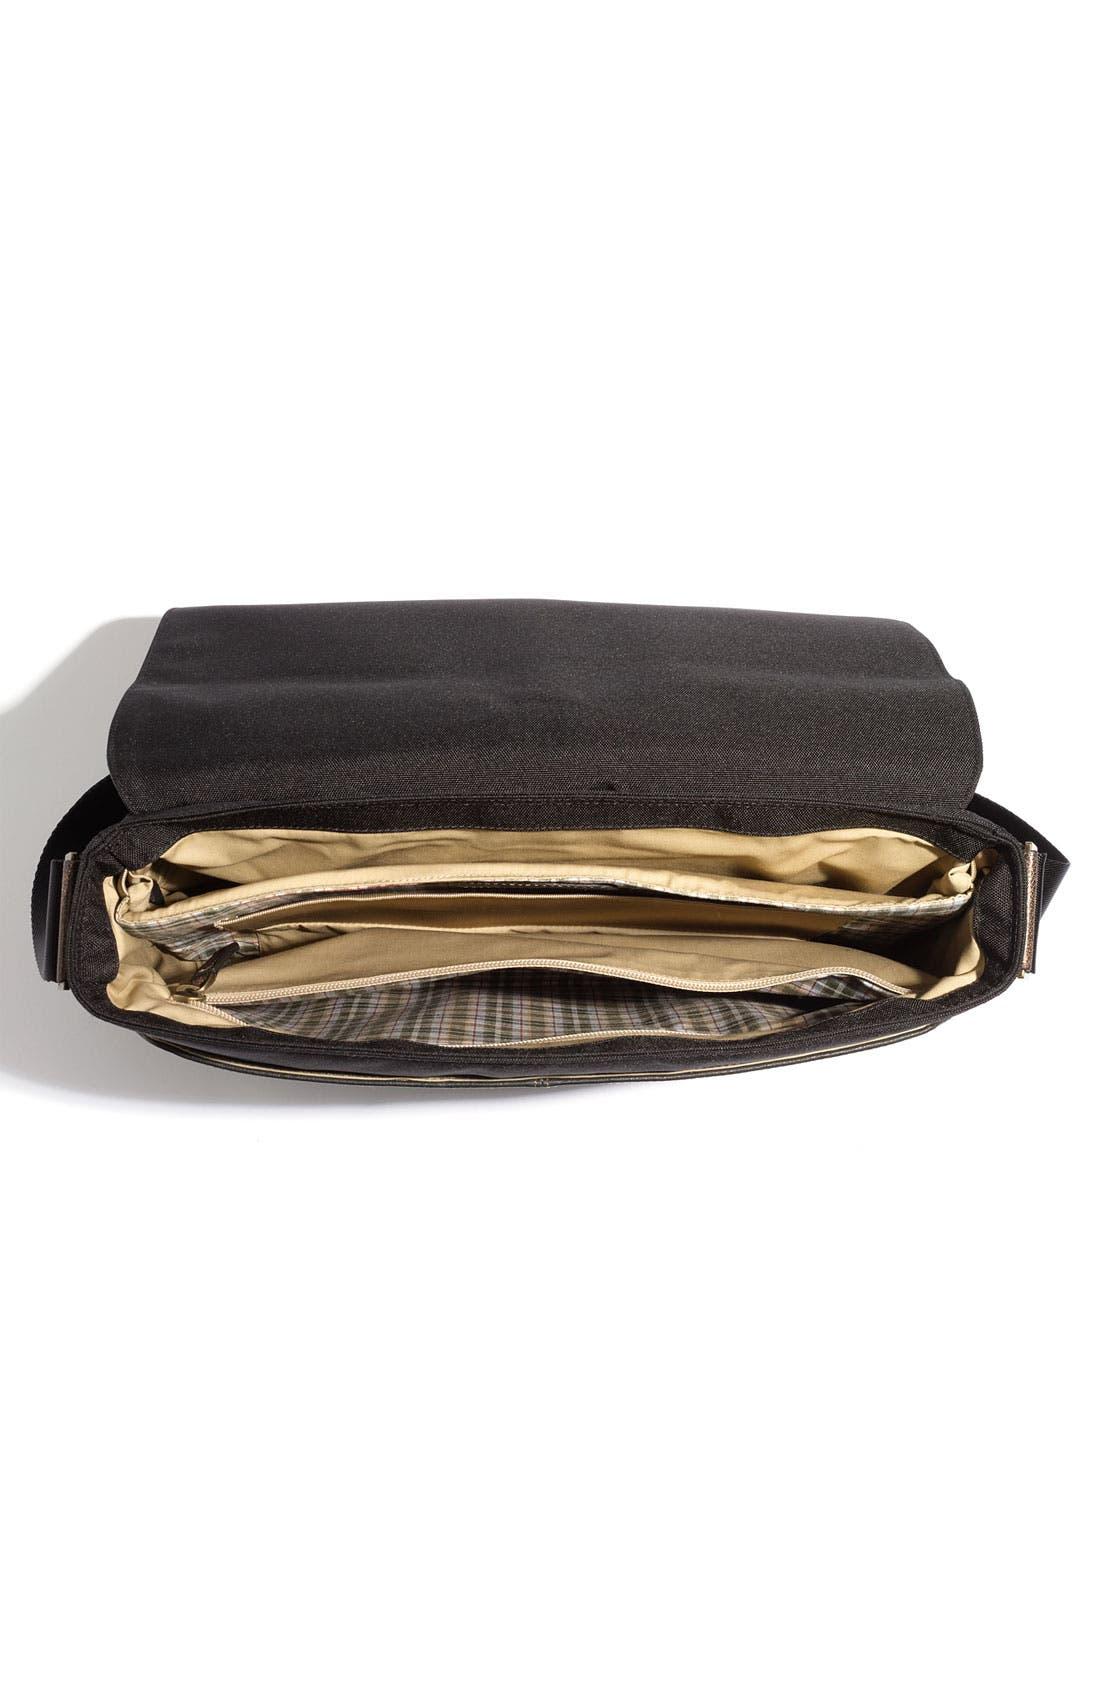 Alternate Image 3  - Boconi Leather Messenger Bag